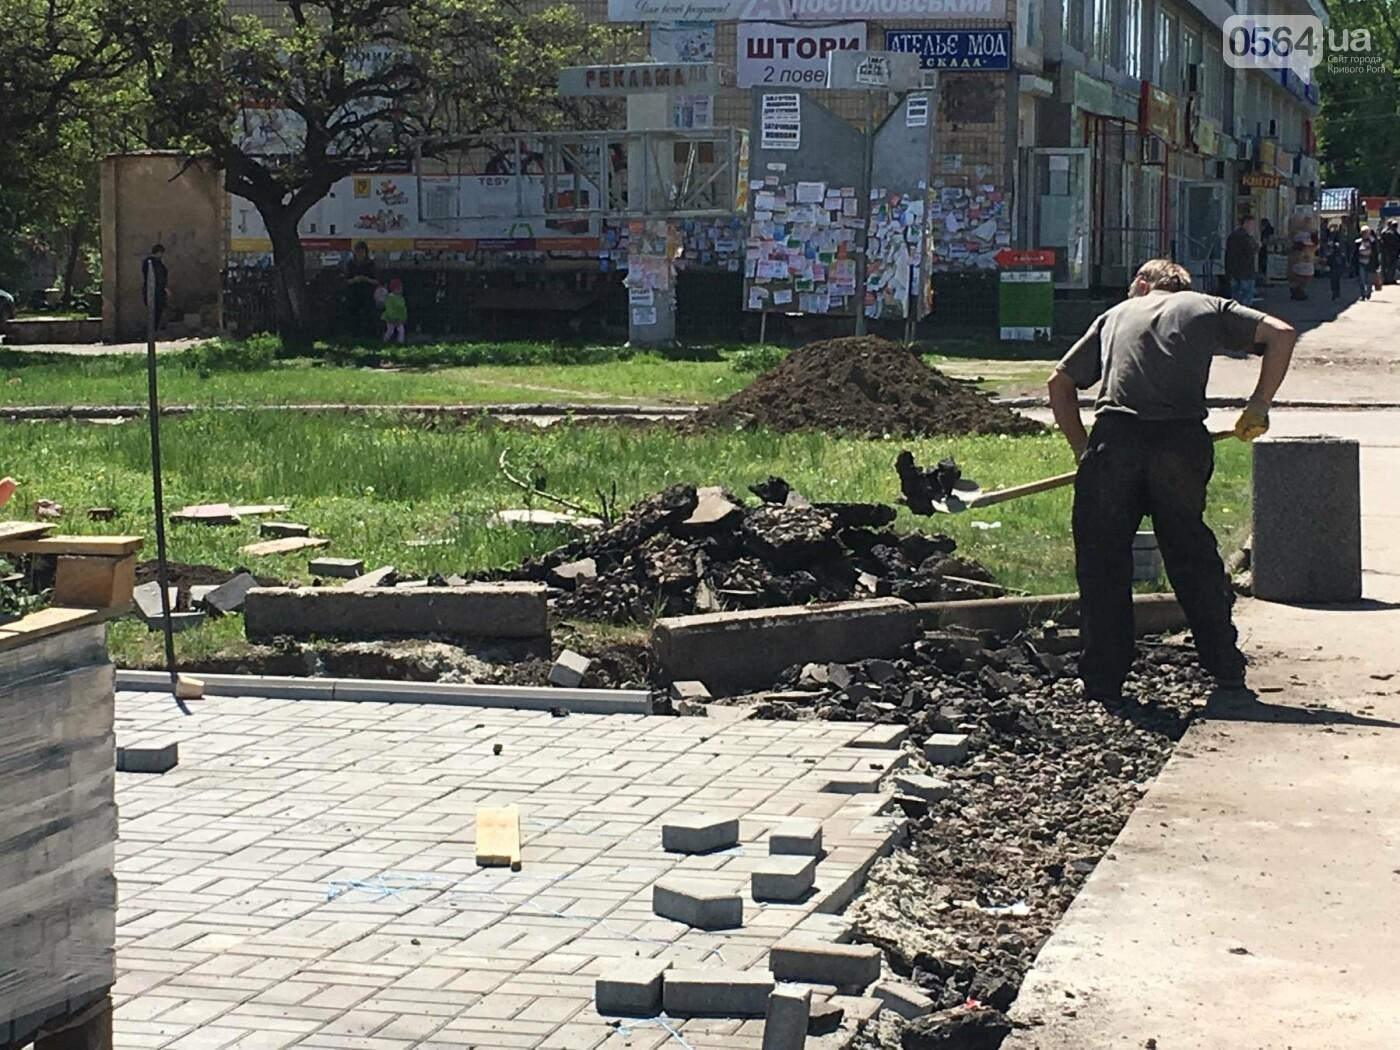 В Кривом Роге перед Дворцом культуры убрали остатки памятника Ленину (ФОТО), фото-6